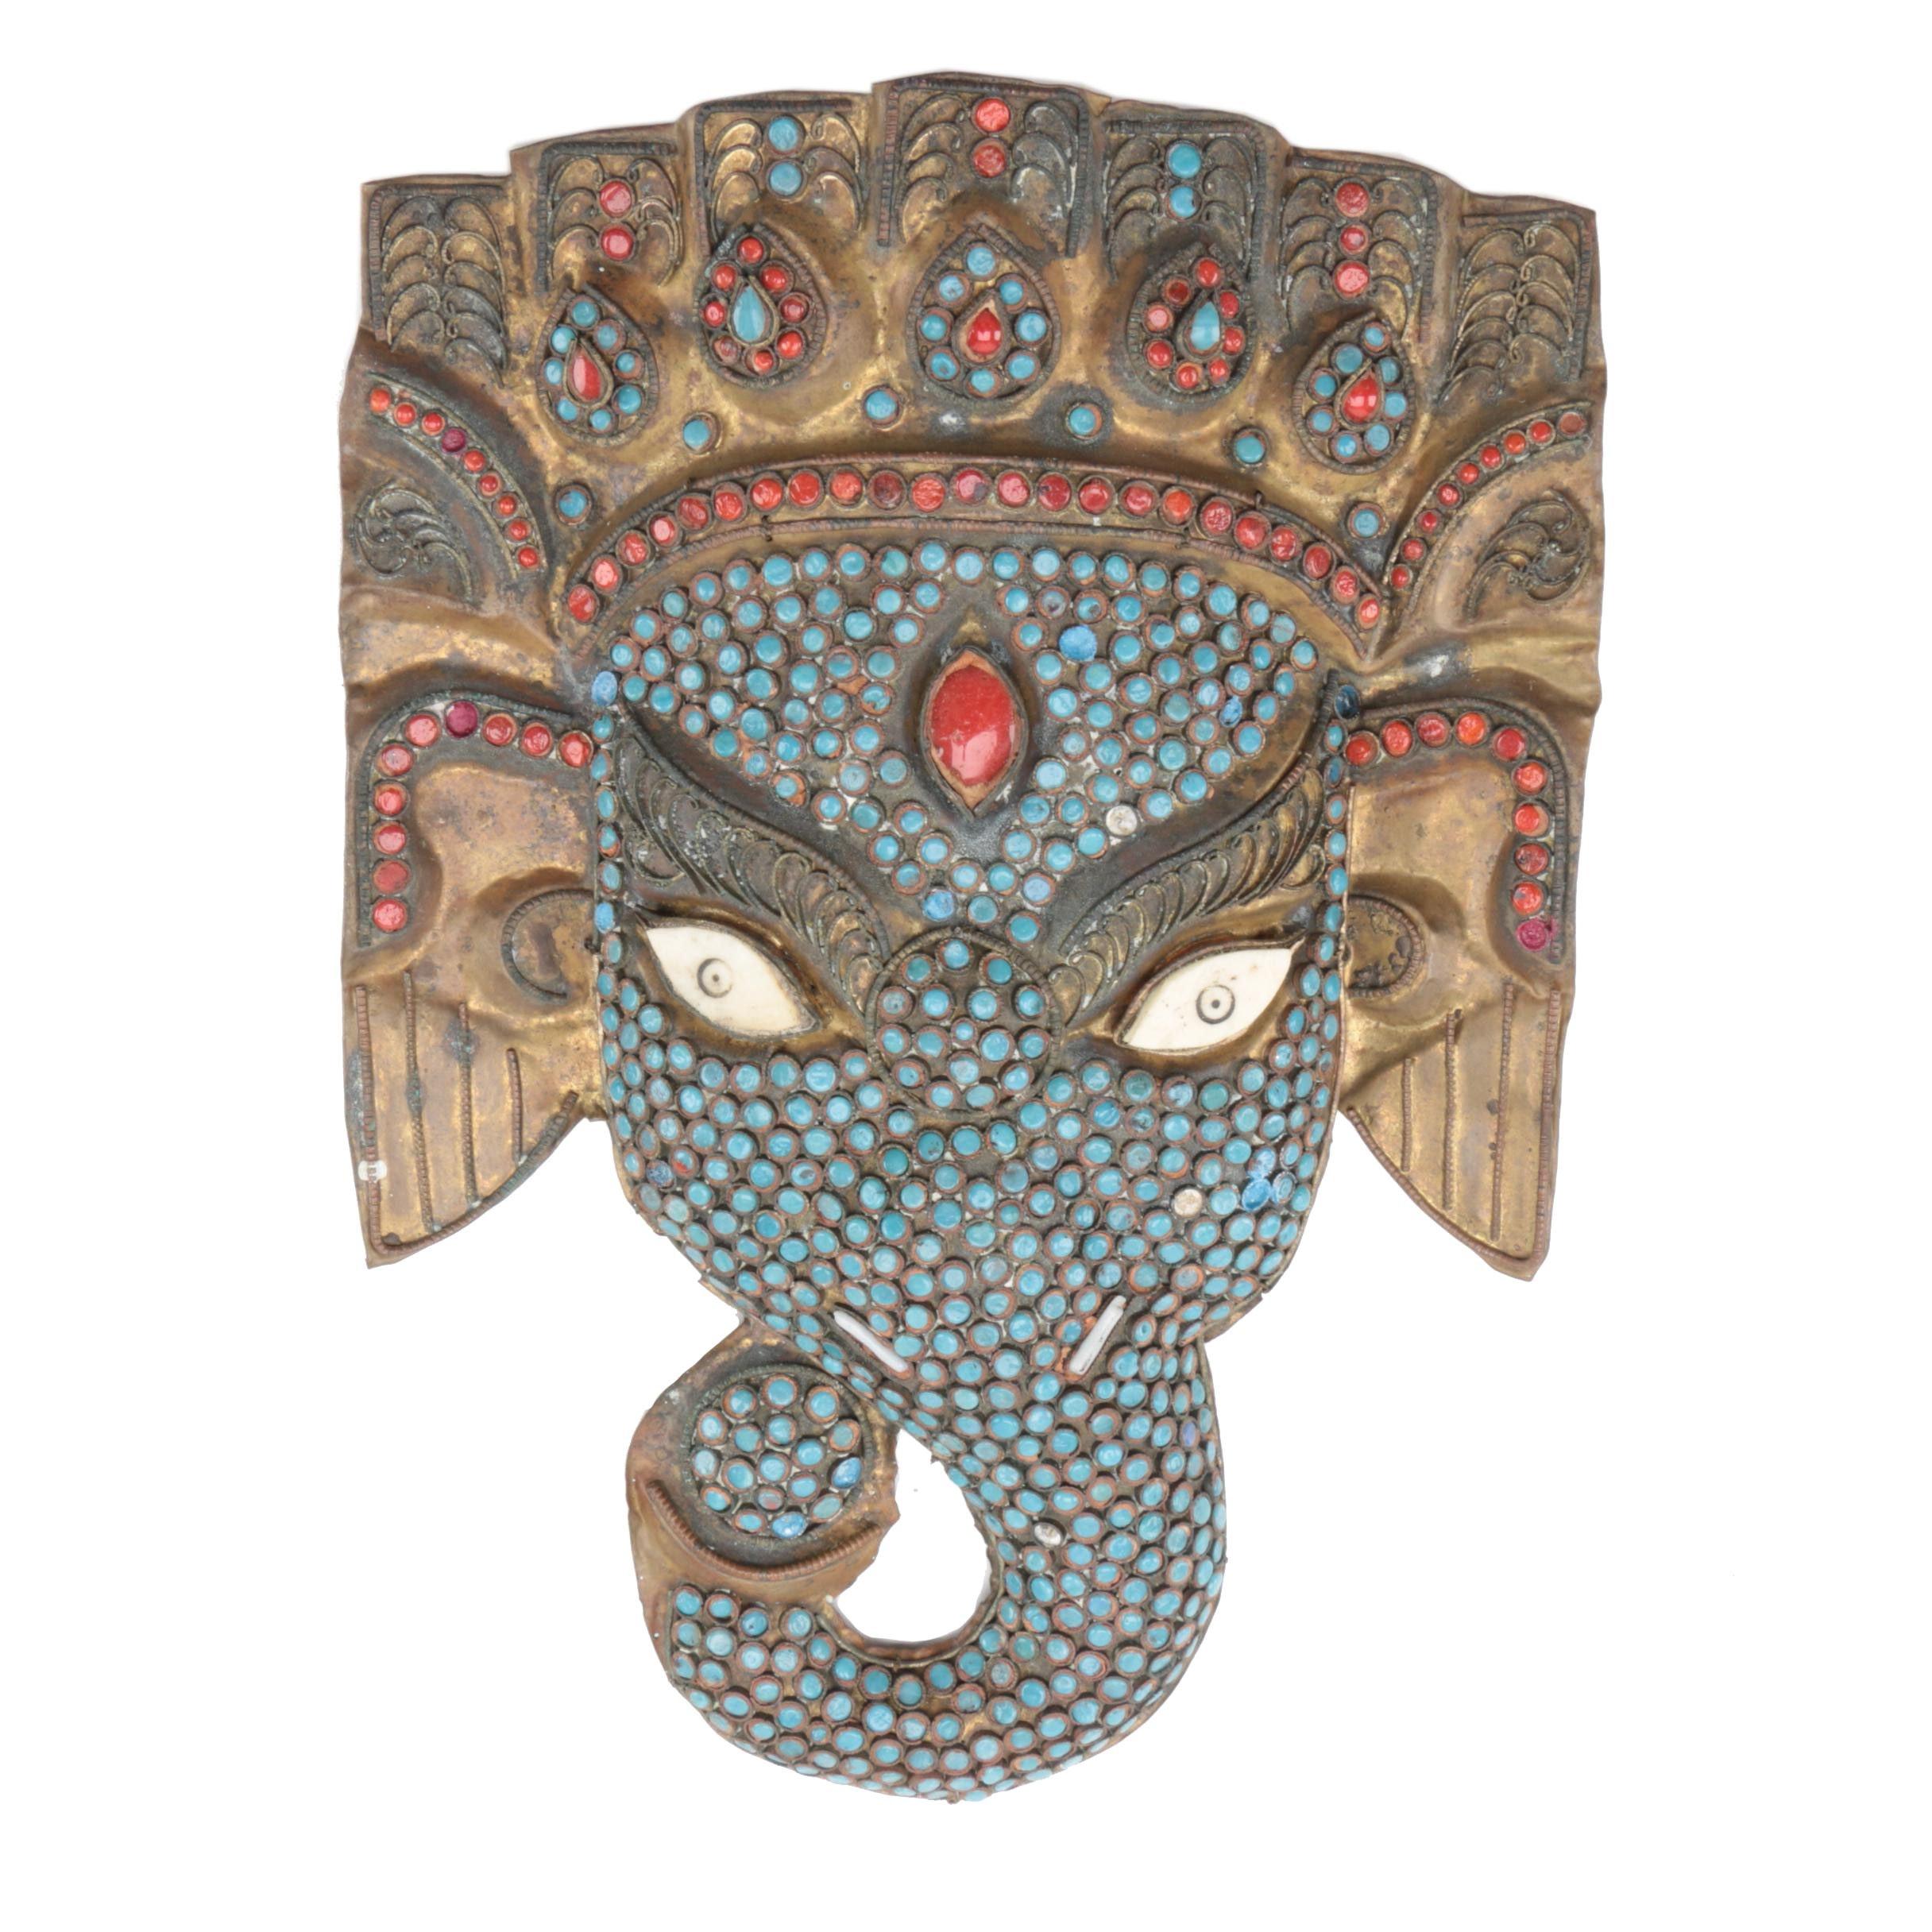 Tibetan Style Elephant Mask